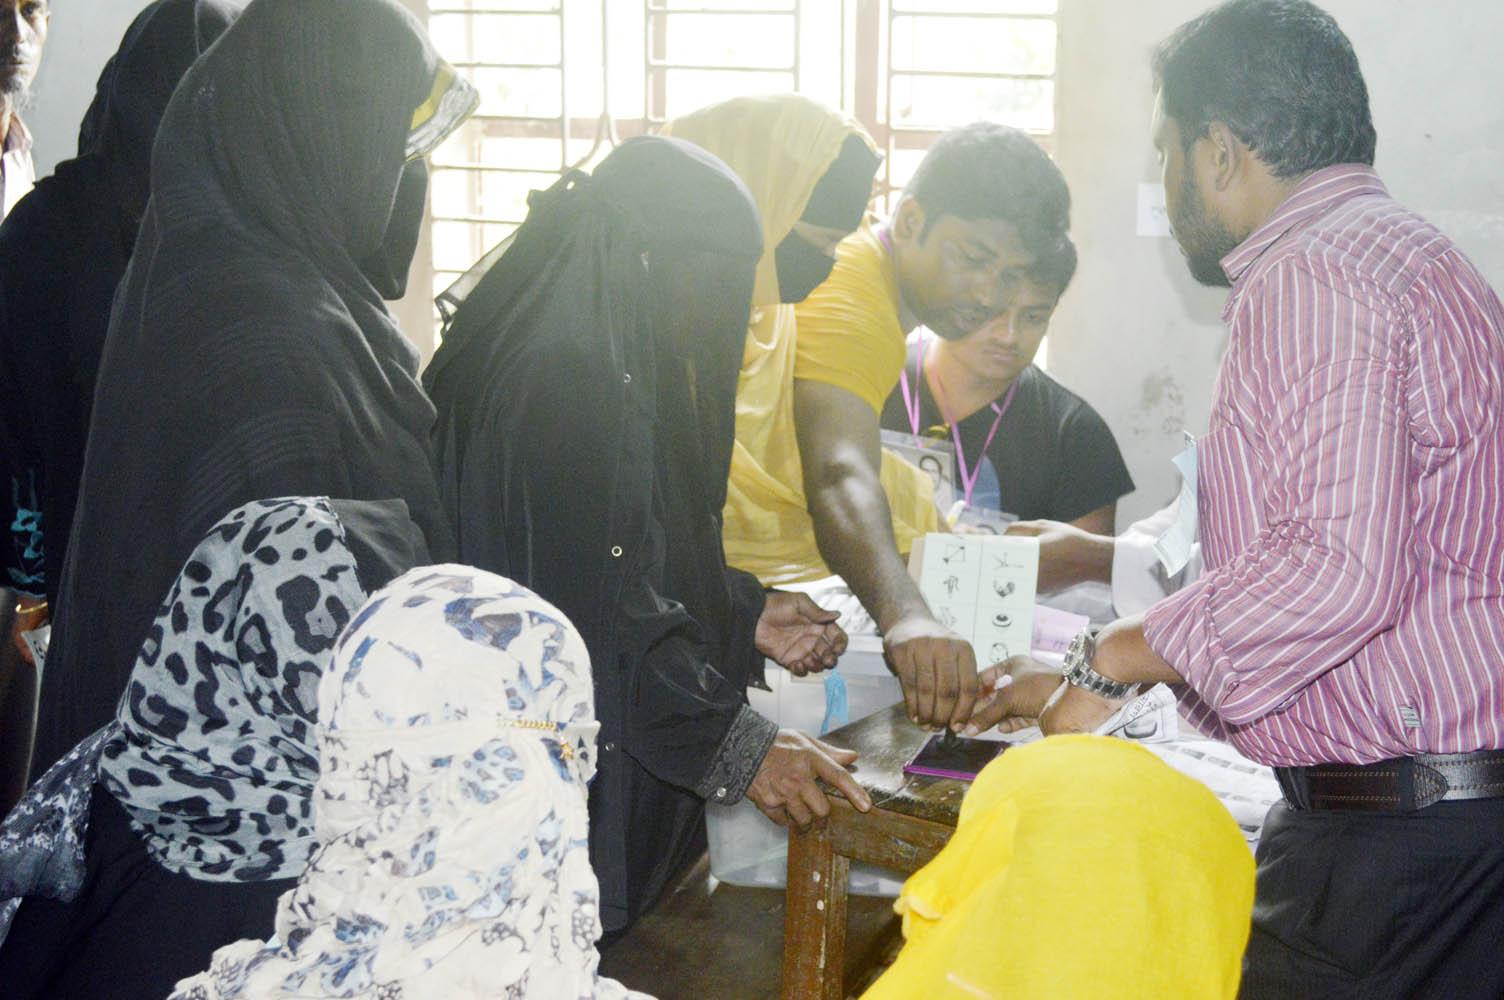 Noakhali Sonaimuri UP ELECATION Photo By Reyad 07  May-1